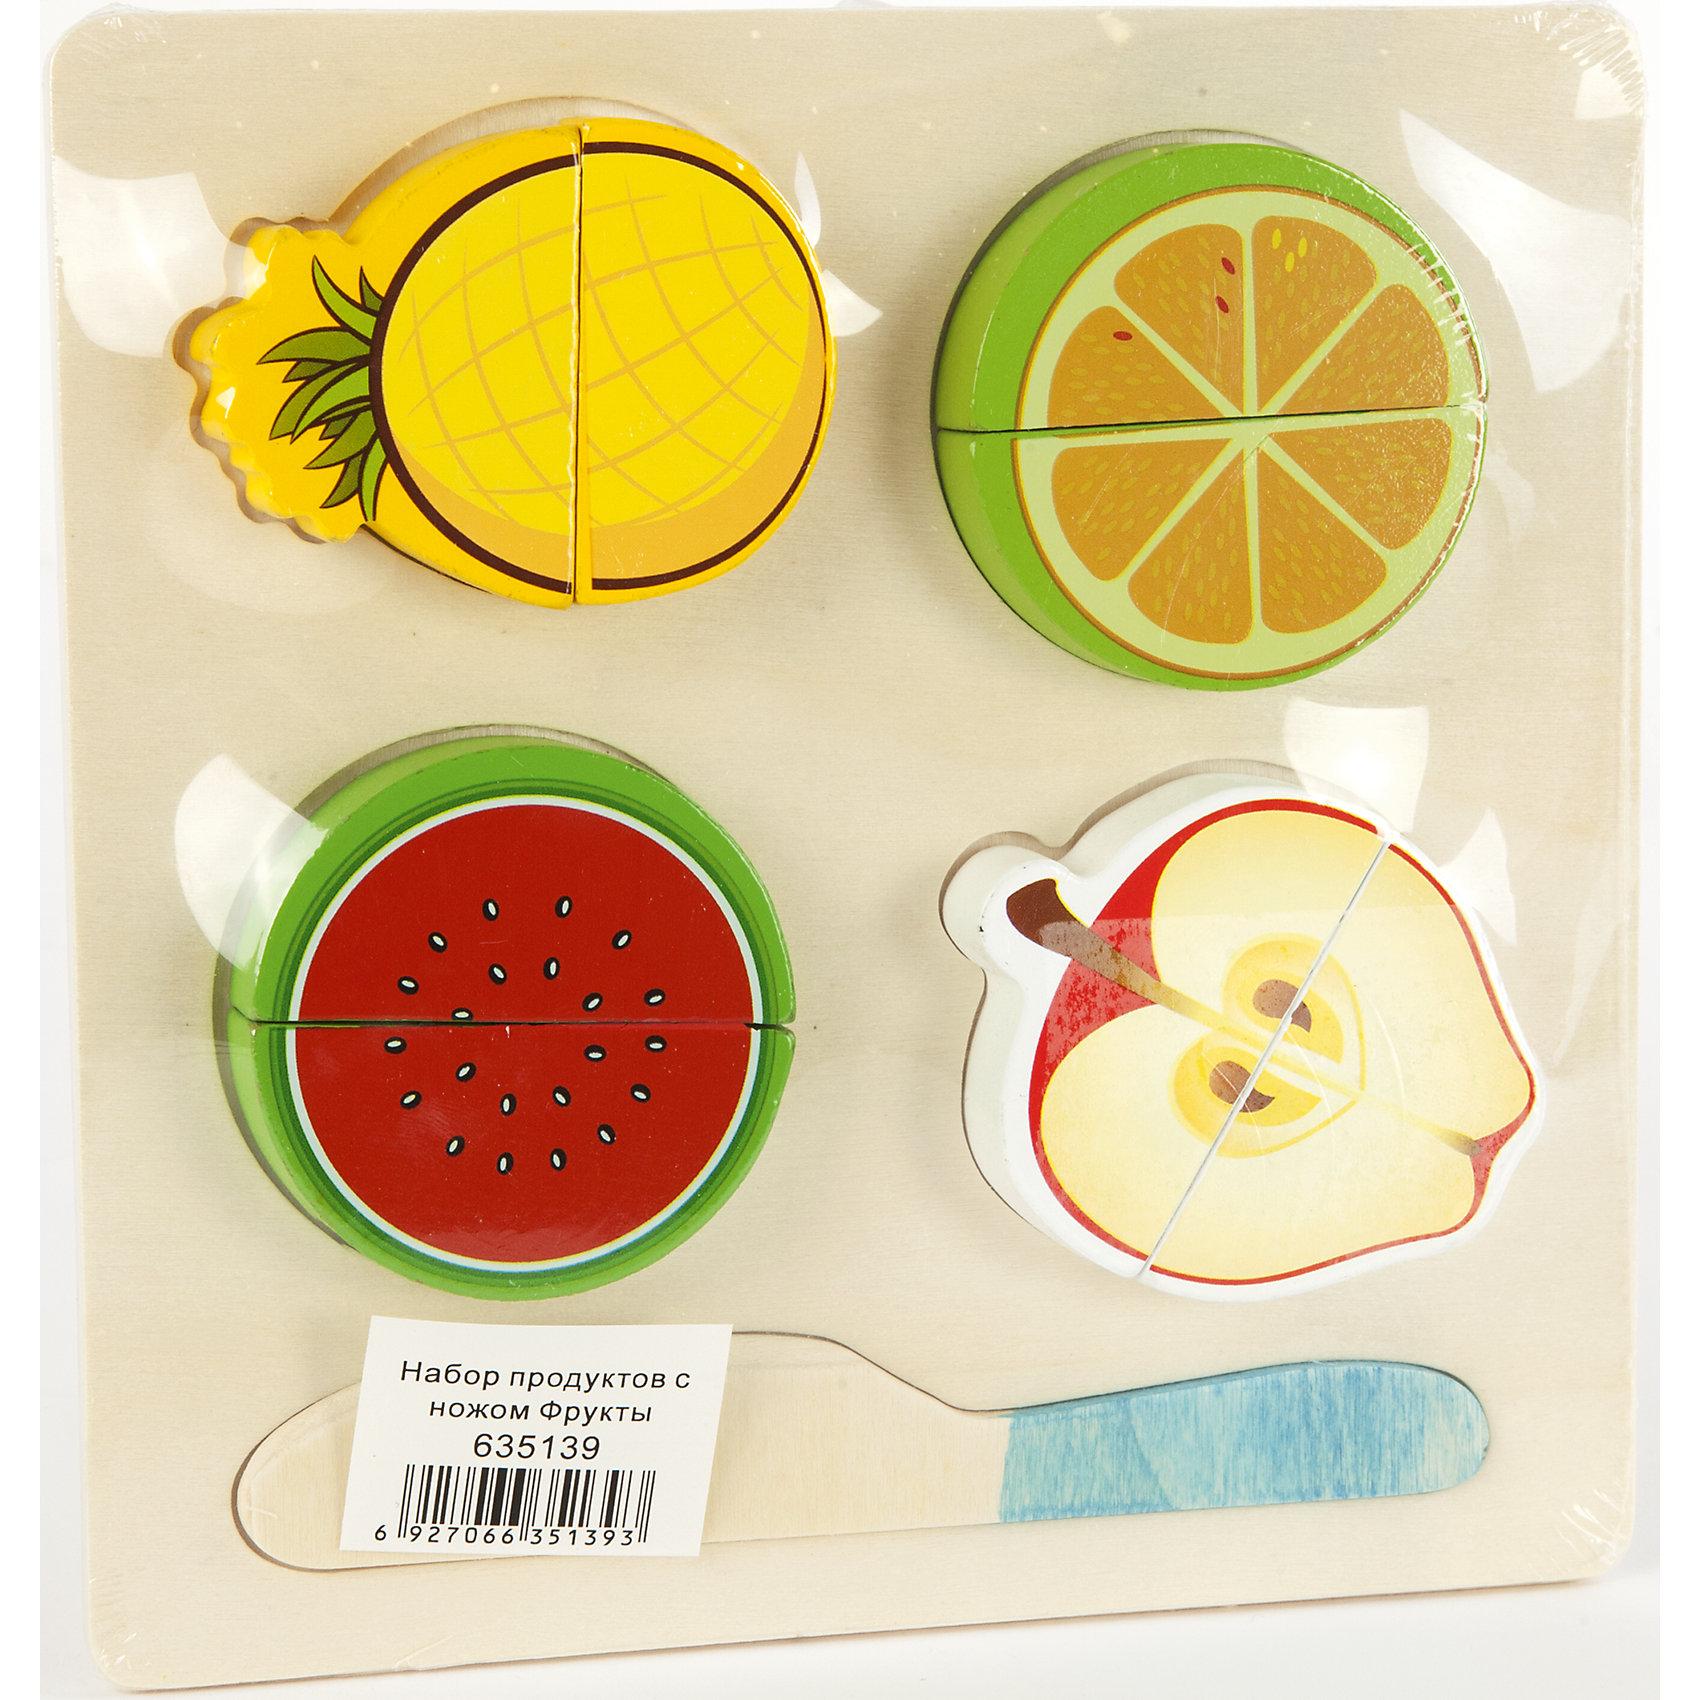 Shantou Gepai Набор продуктов с ножом Фрукты, Shantou Gepai shantou gepai игрушка пластм печь микроволновая с набором продуктов shantou gepai